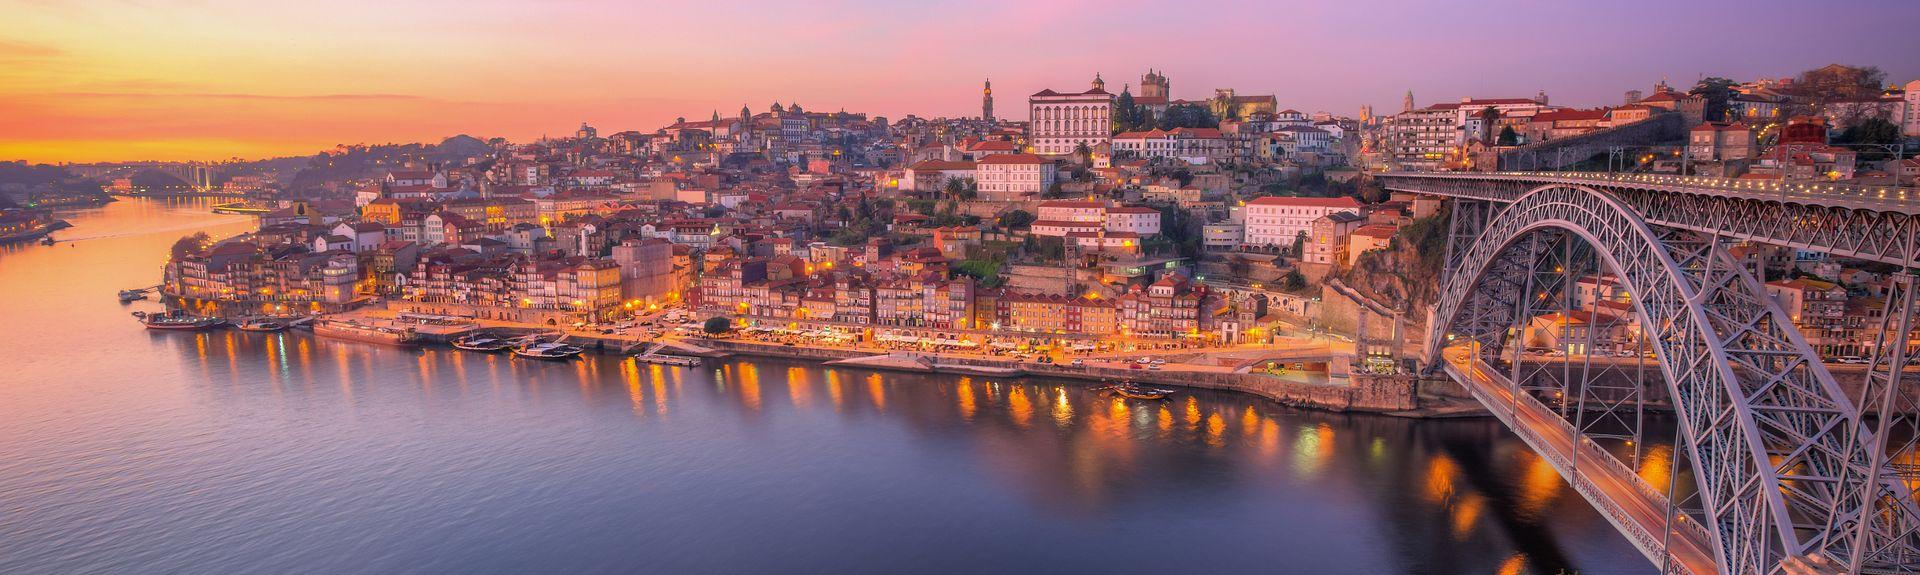 Vì sao nên chọn Bồ Đào Nha là điểm định cư?